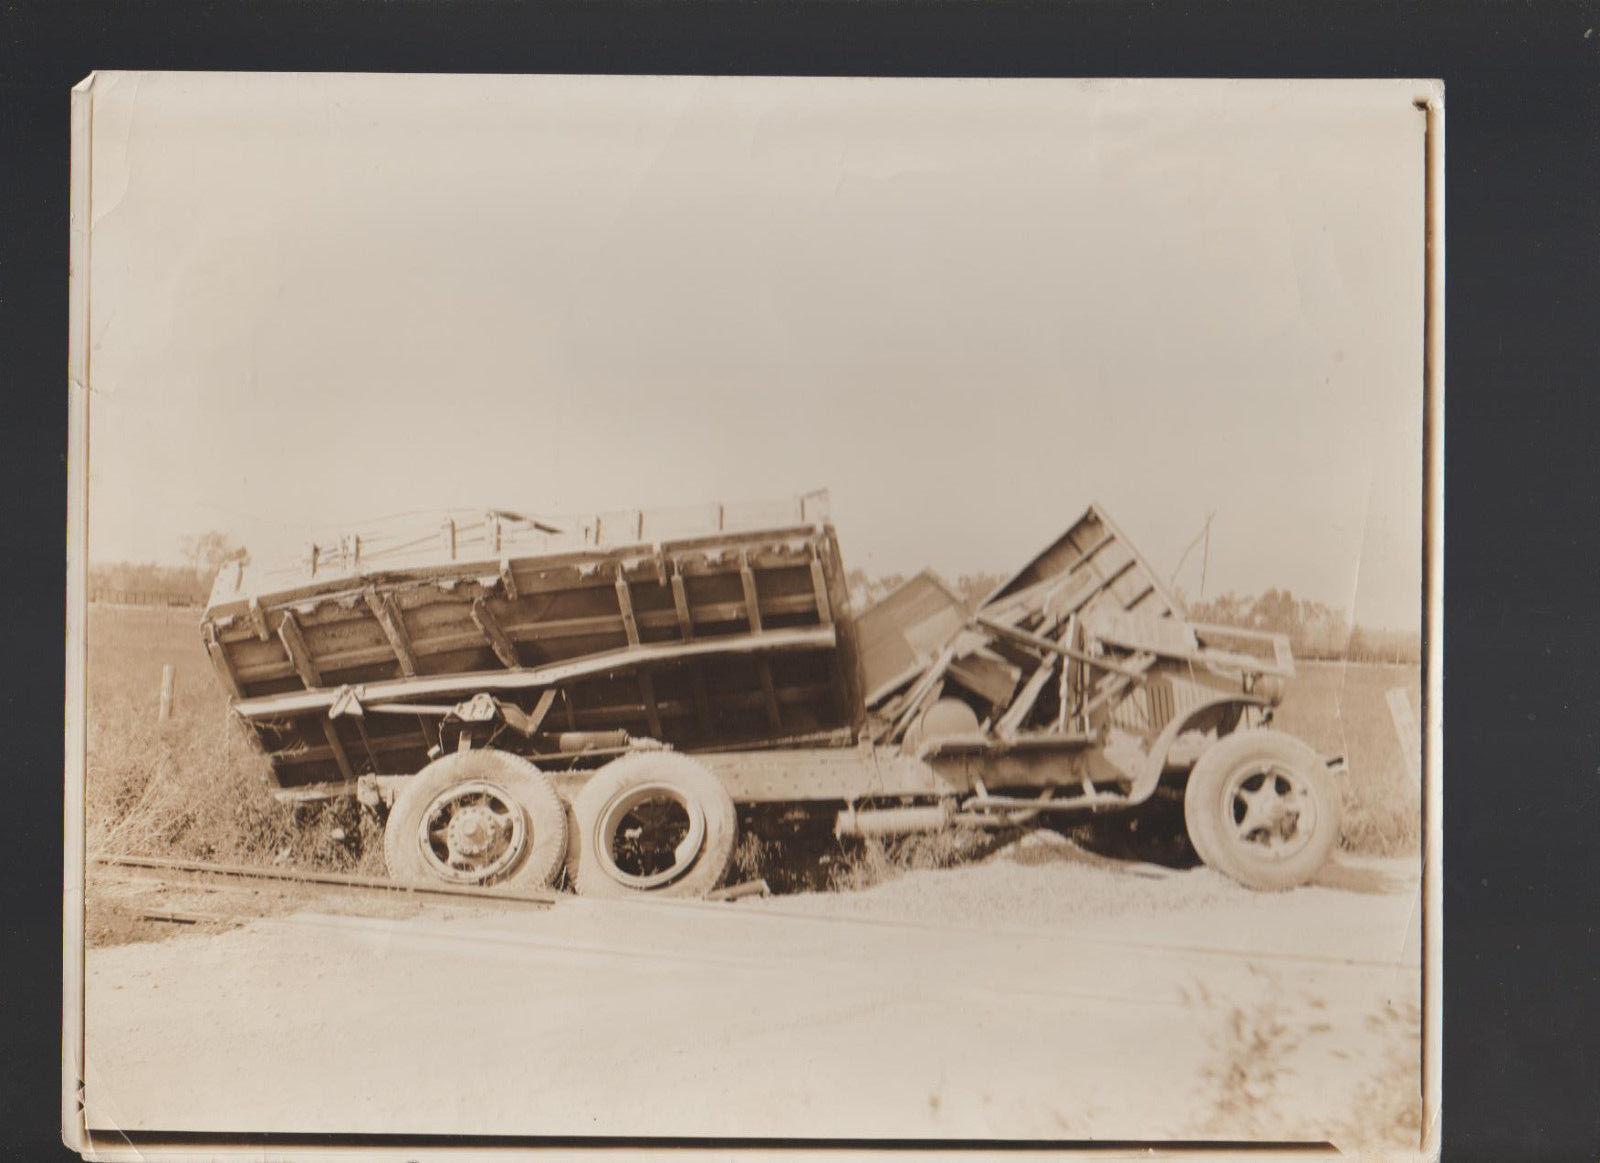 Truck Crash Vintage Photograph 8x10